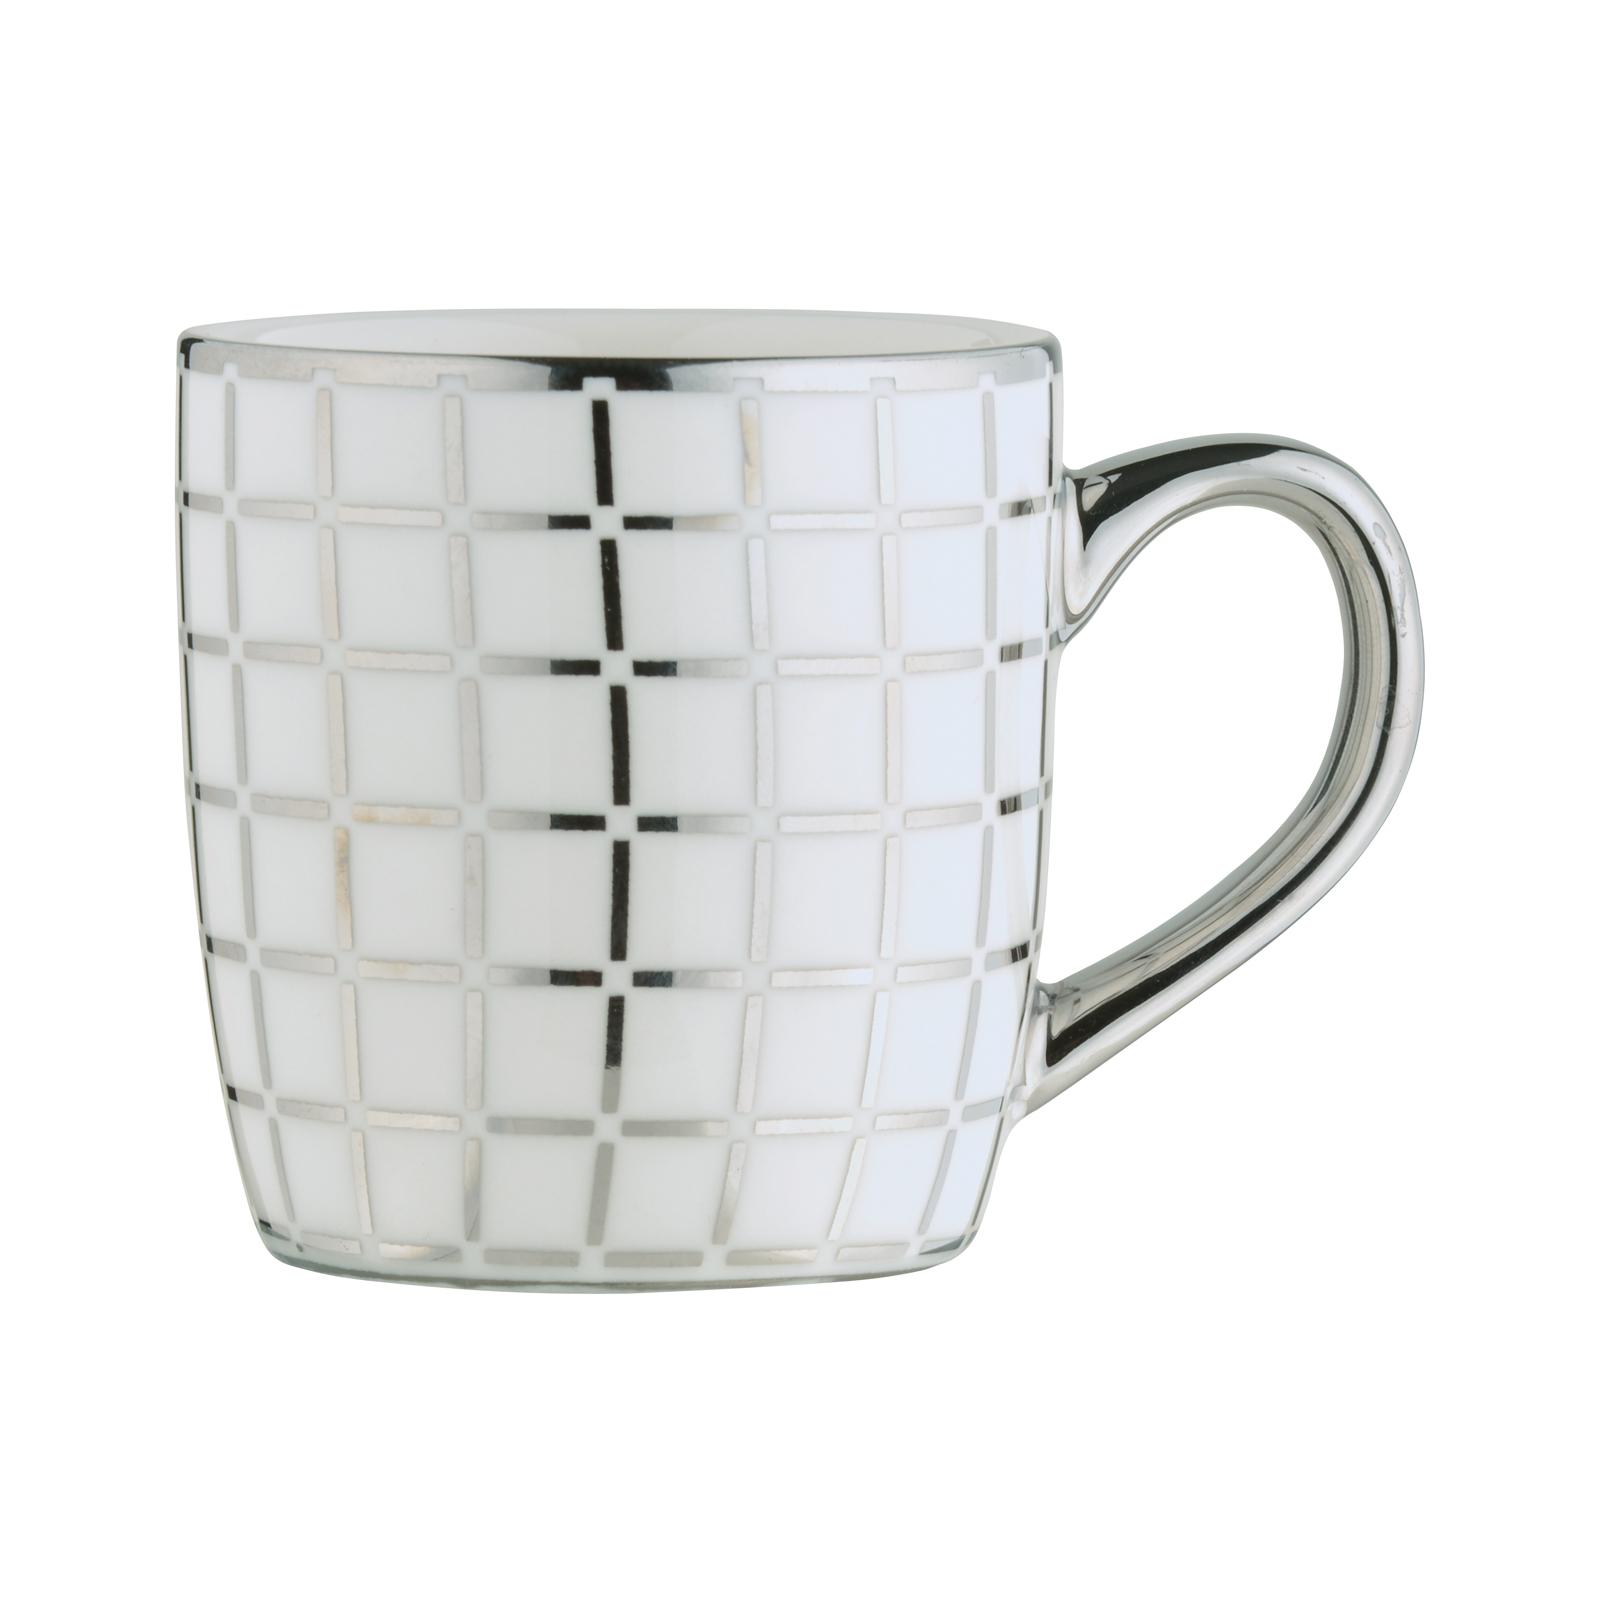 Lattice Espresso Mug Platinum